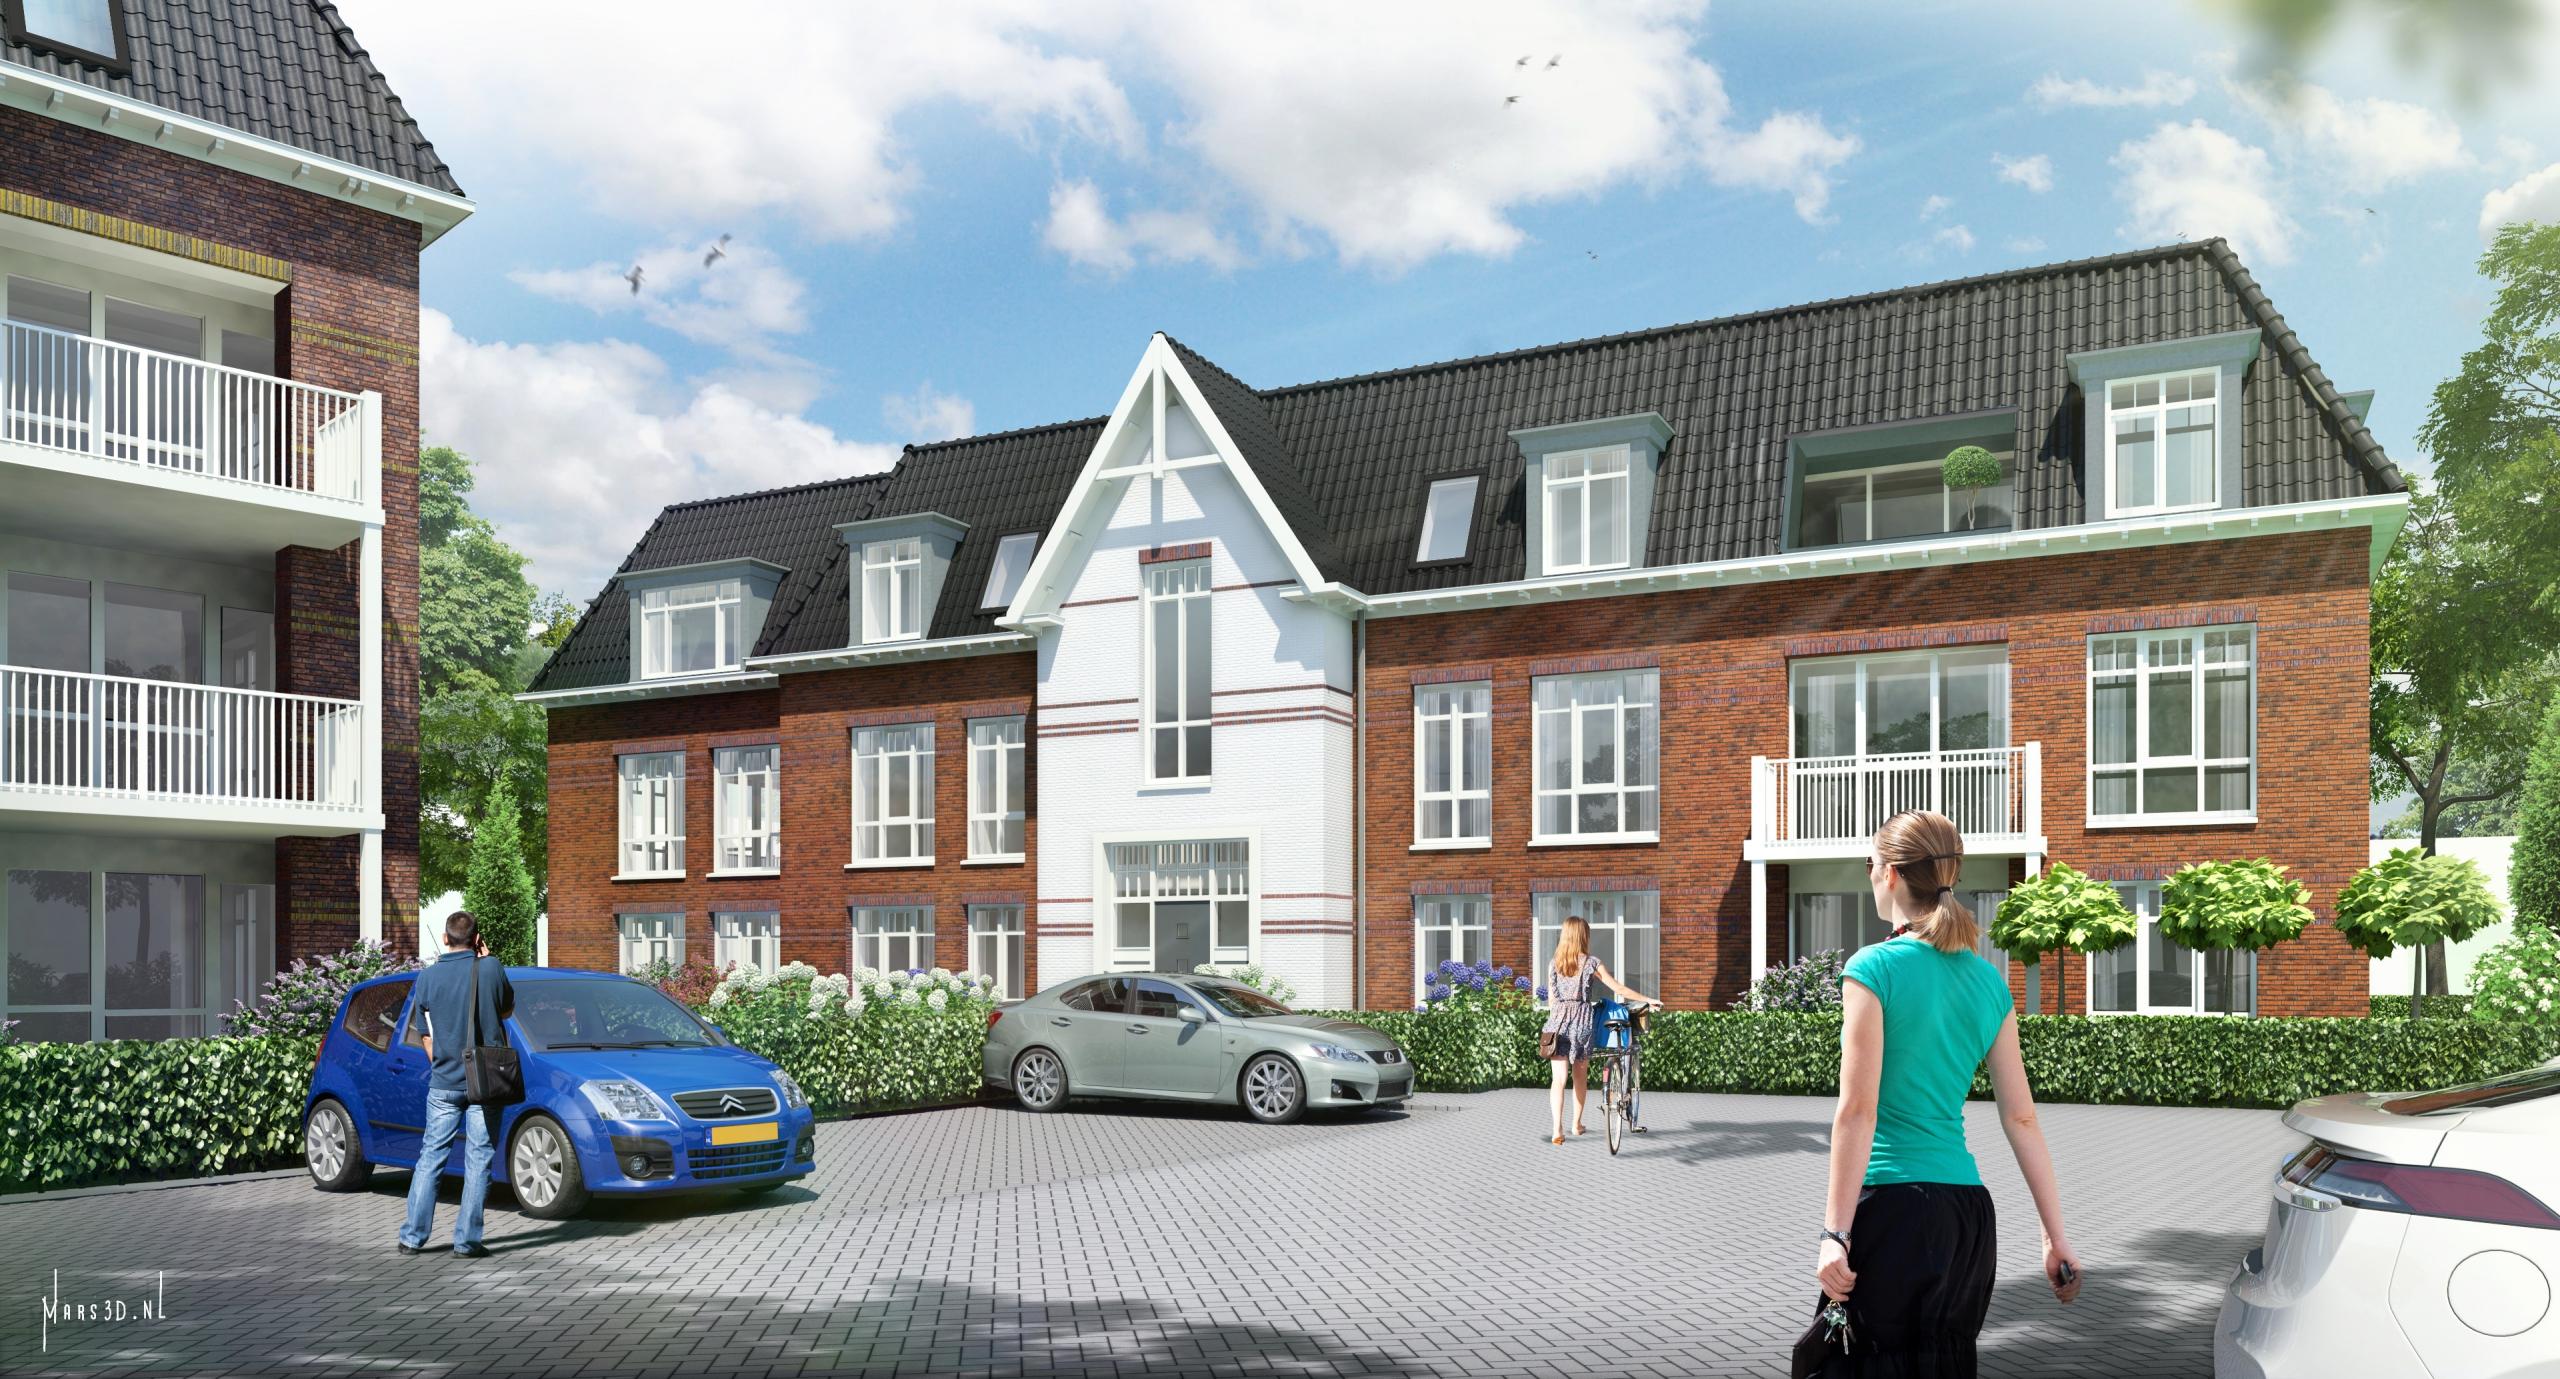 nieuwbouw-nunspeet-veluwe-wonen-aanbod-projecten-van-den-hardenberg-makelaar-taxatie-waardebepaling